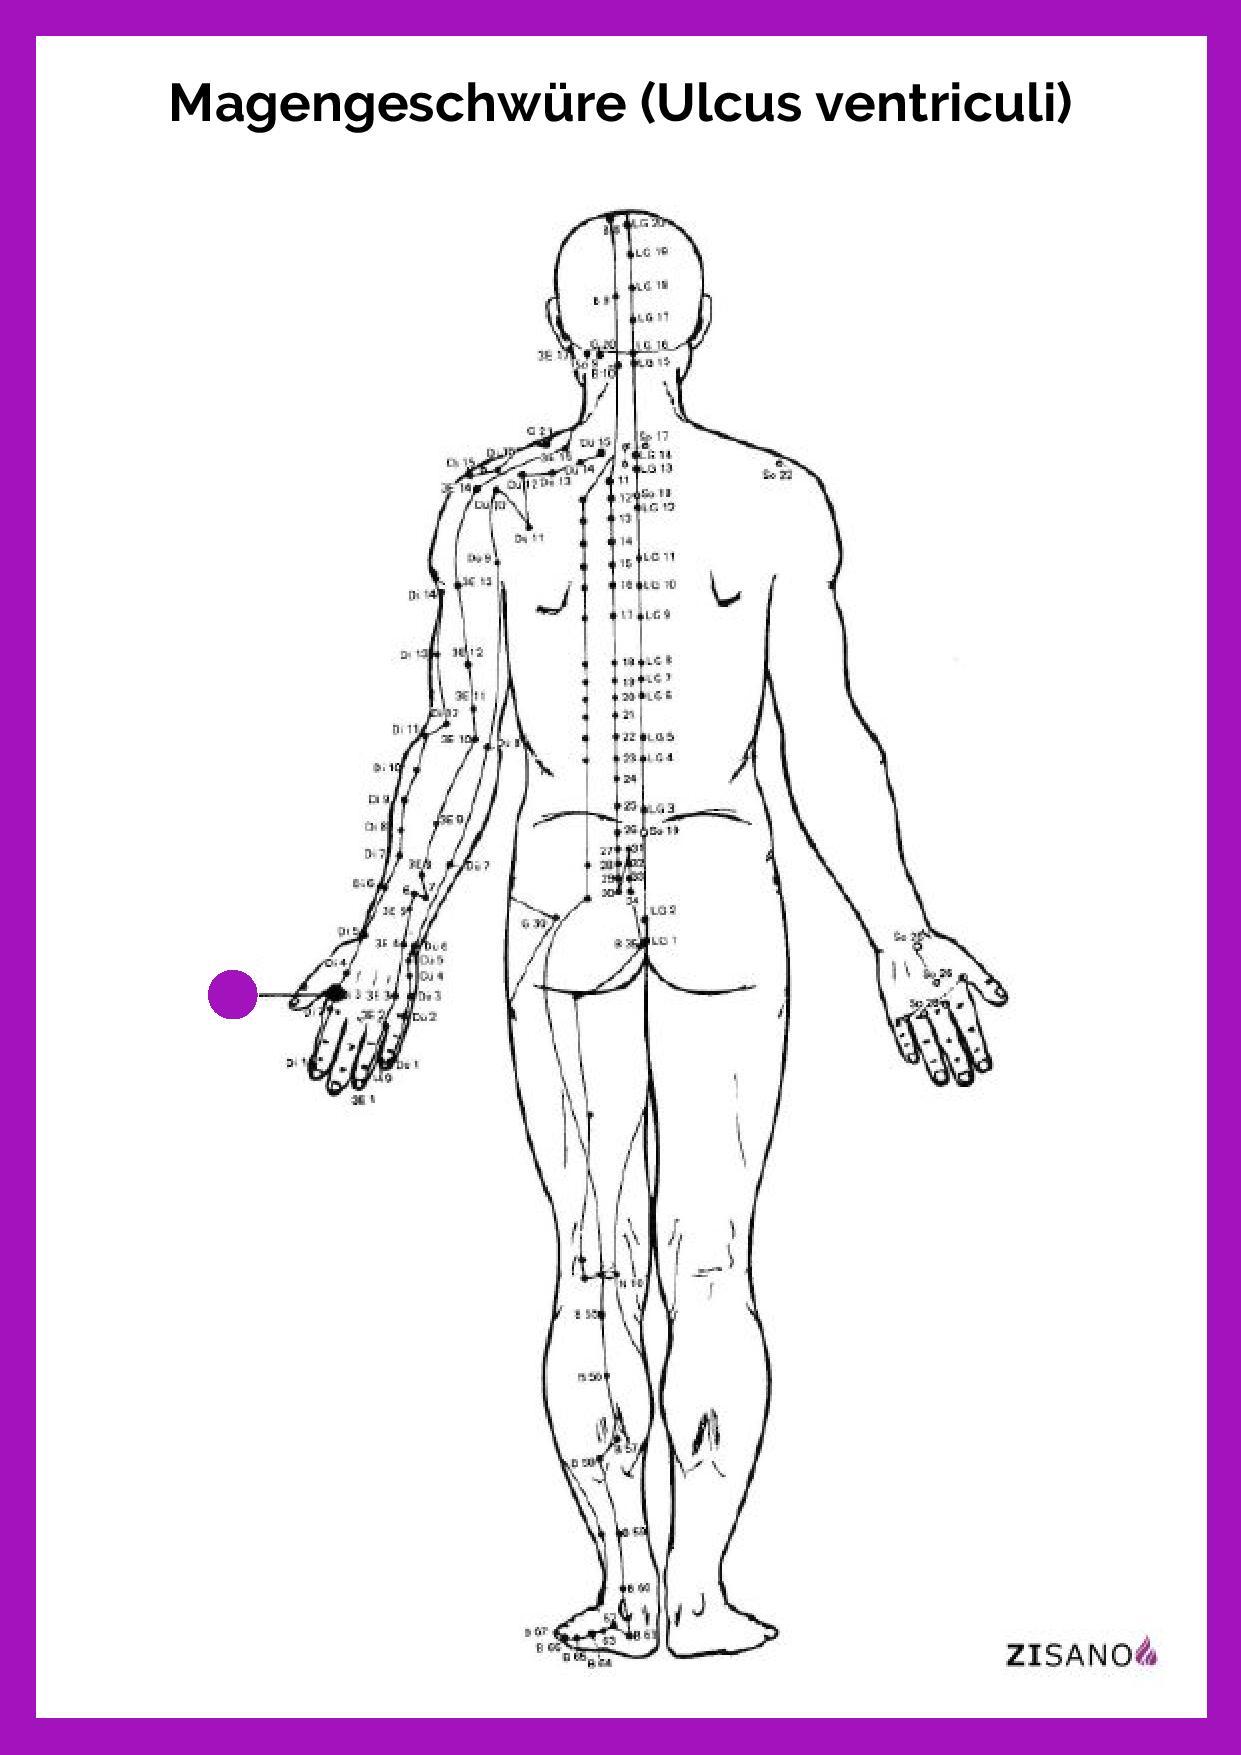 Meridiane - Magengeschwüre - Ulcus ventriculi - Beschwerden